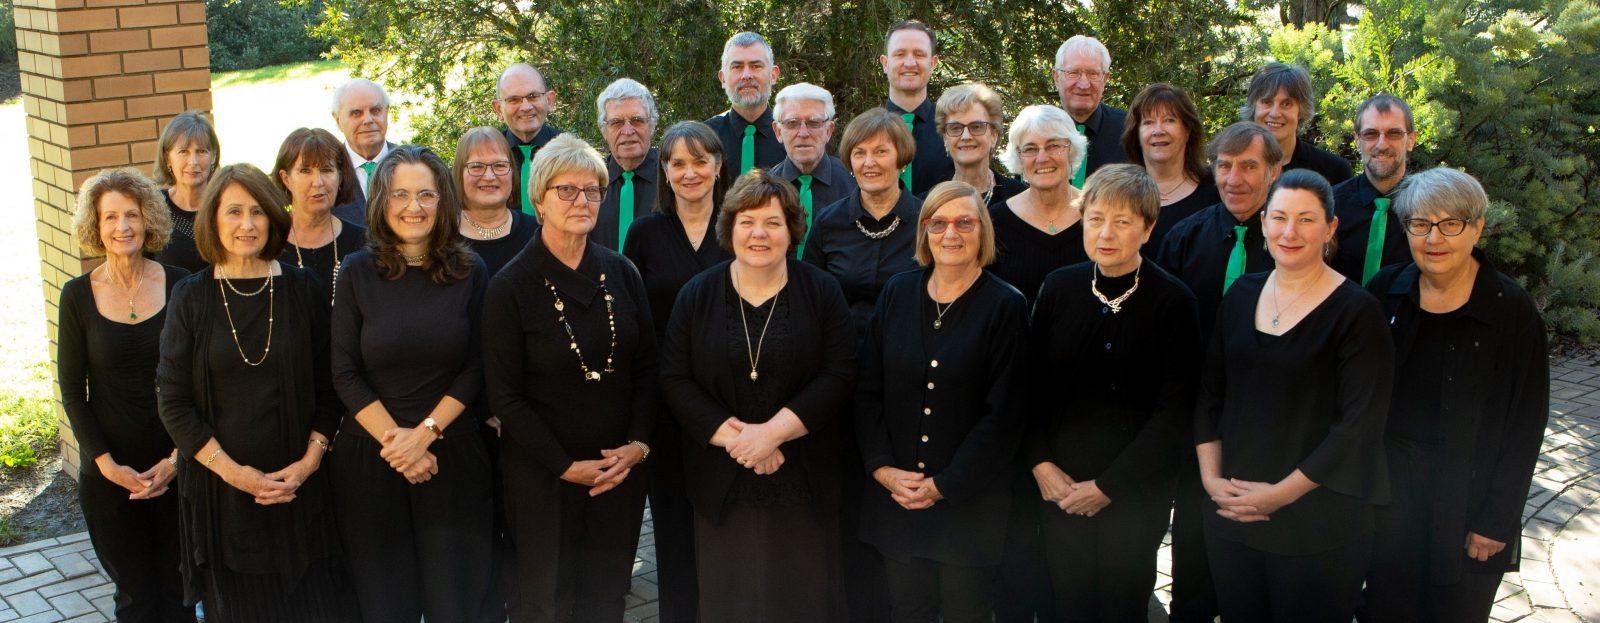 Photo of the Choir